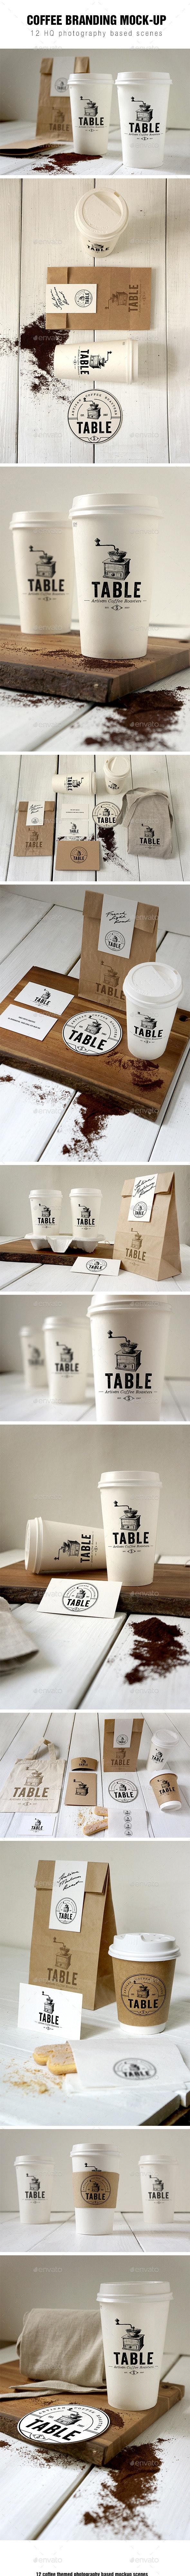 Coffee Branding Mockup - Food and Drink Packaging